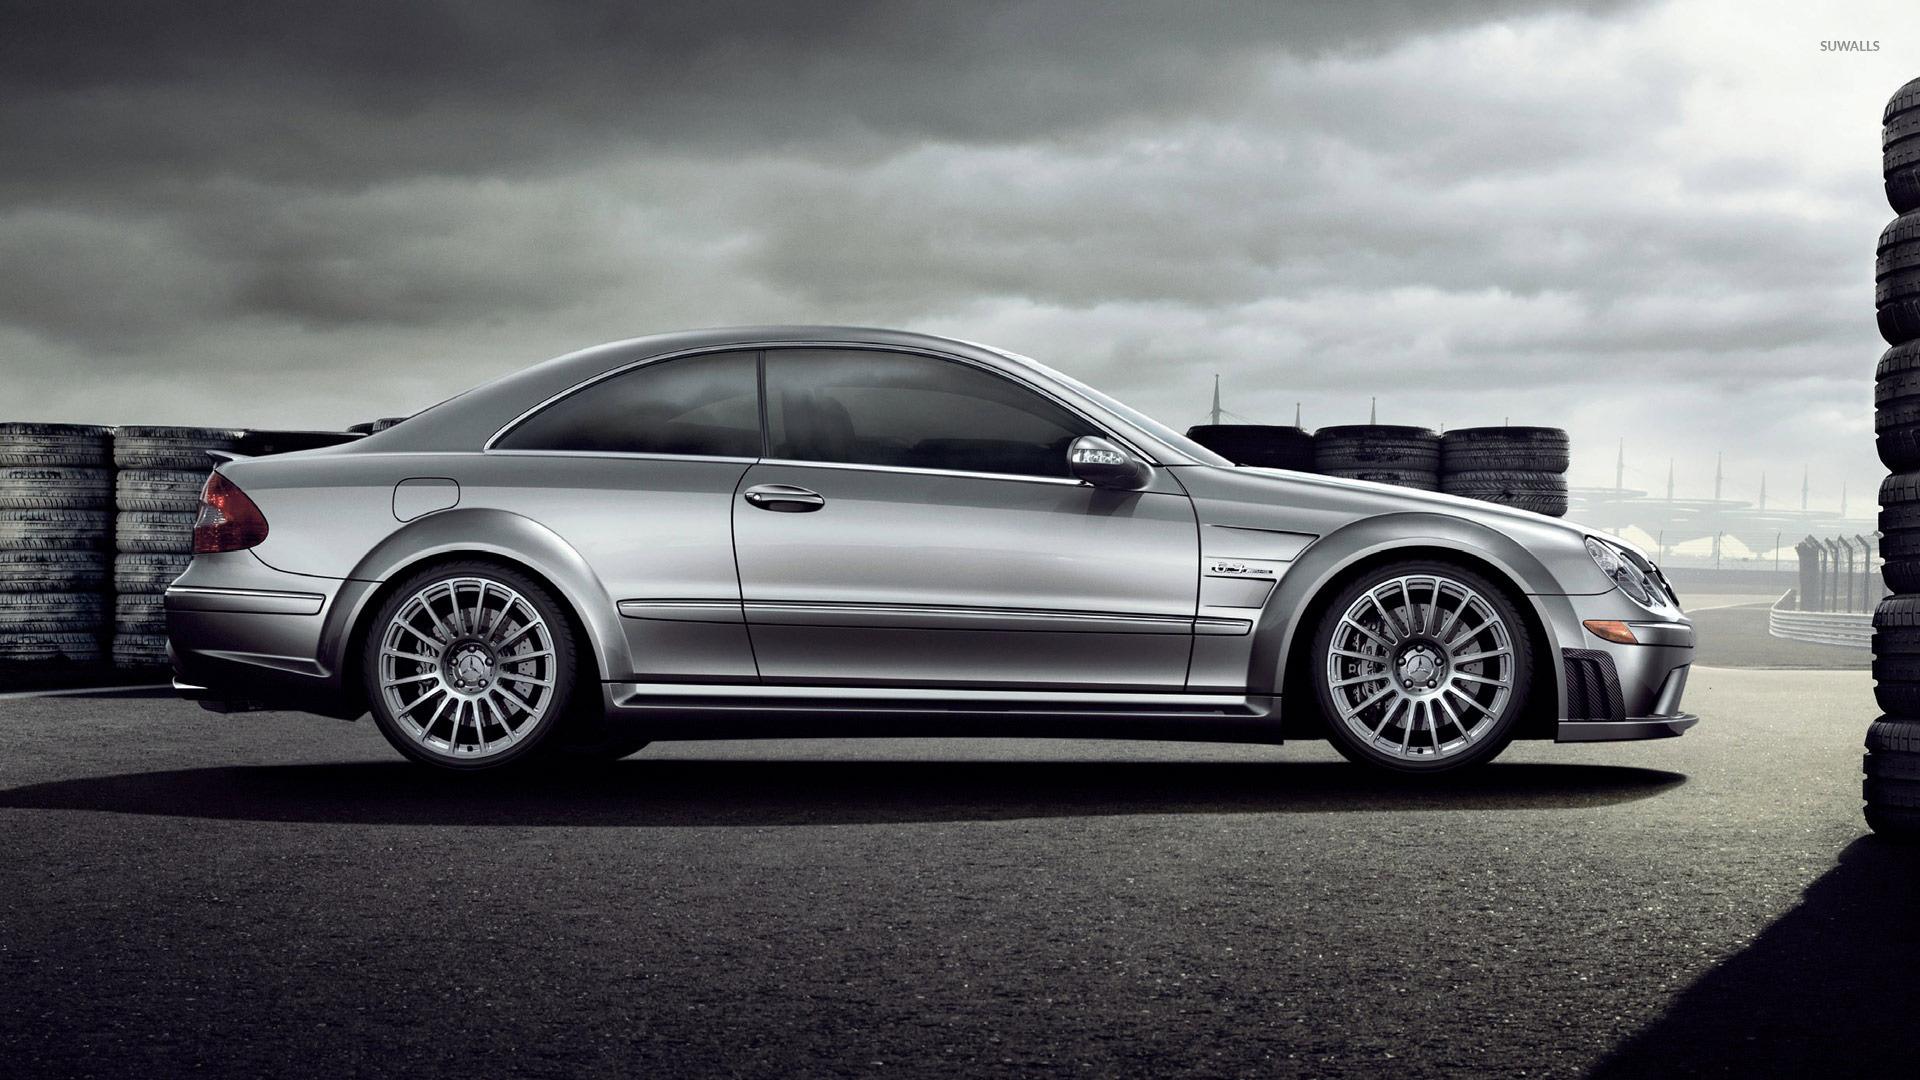 Mercedes benz clk63 amg black edition 2 wallpaper car for Mercedes benz clk63